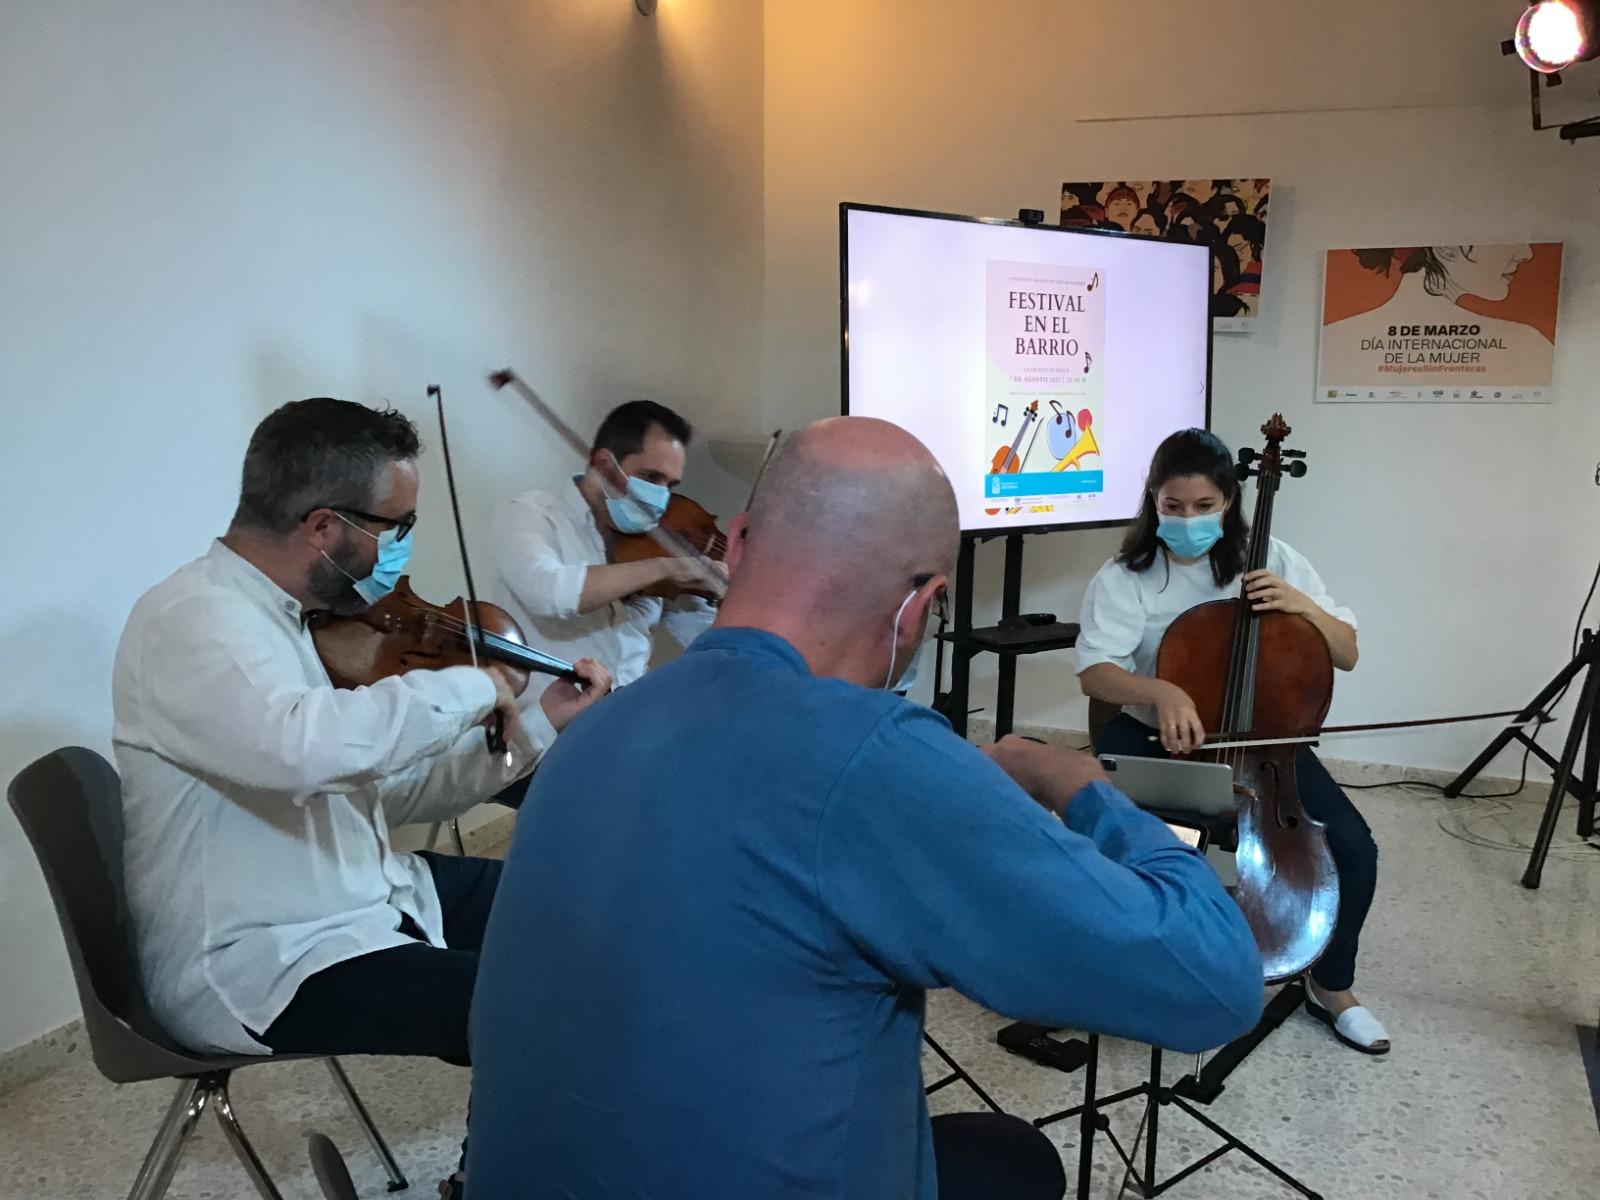 El Festival en el Barrio' lleva un año más al FMIC a la Barriada del Rocío de Isla Cristina